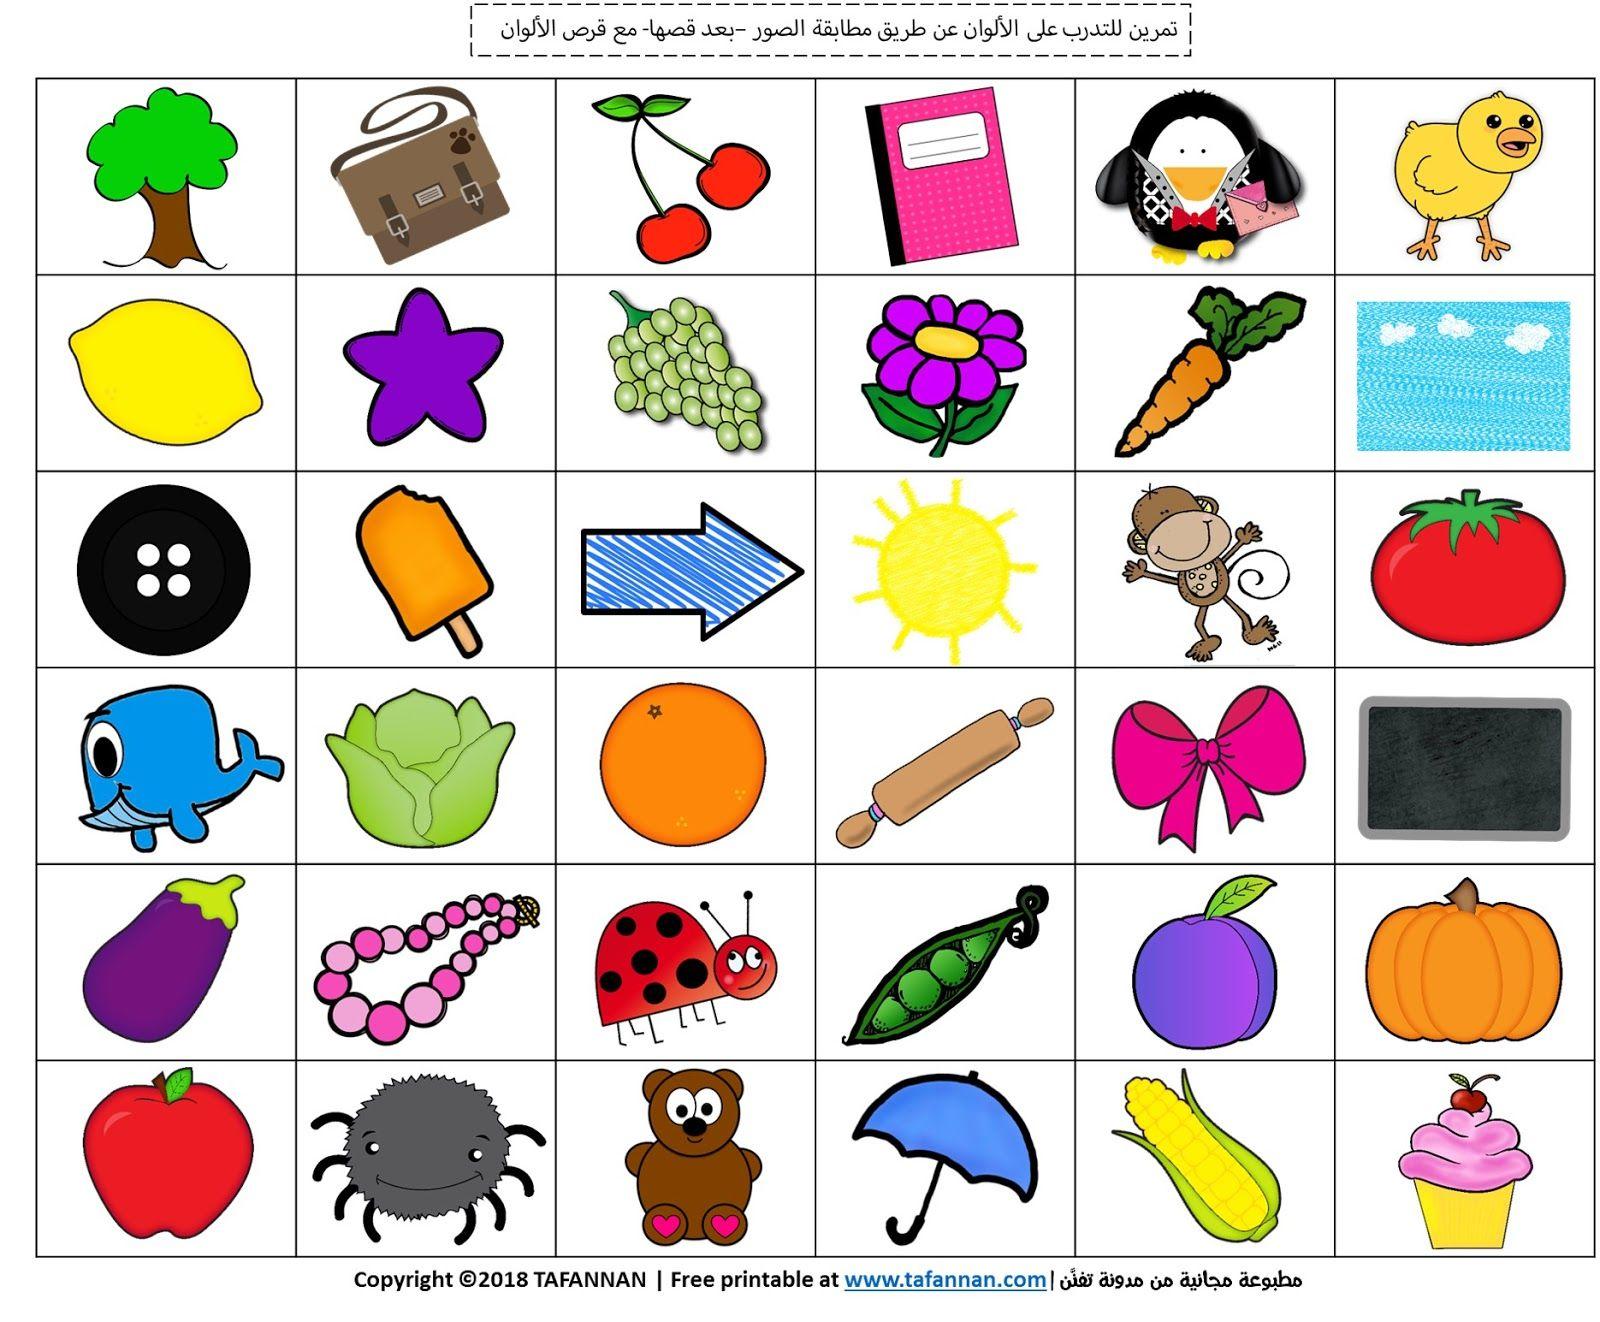 تفن ن فن ومرح بالعربي قرص الألوان للصغار نشاط ومطبوعة Activities For Kids Blog Posts Blog